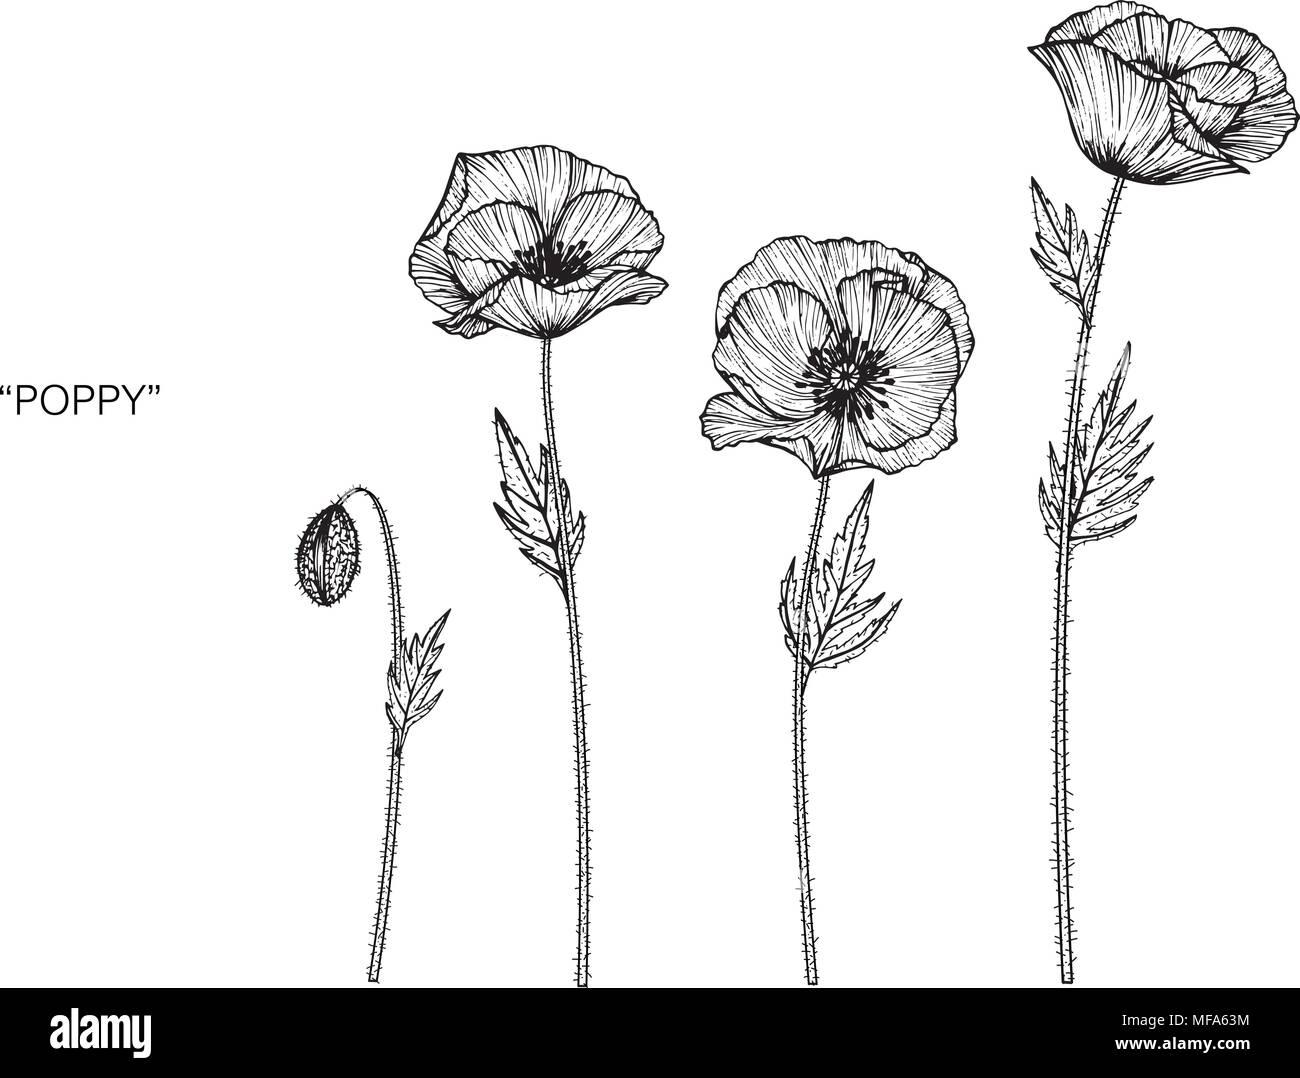 Fiore Di Papavero Disegno Illustrativo In Bianco E Nero Con La